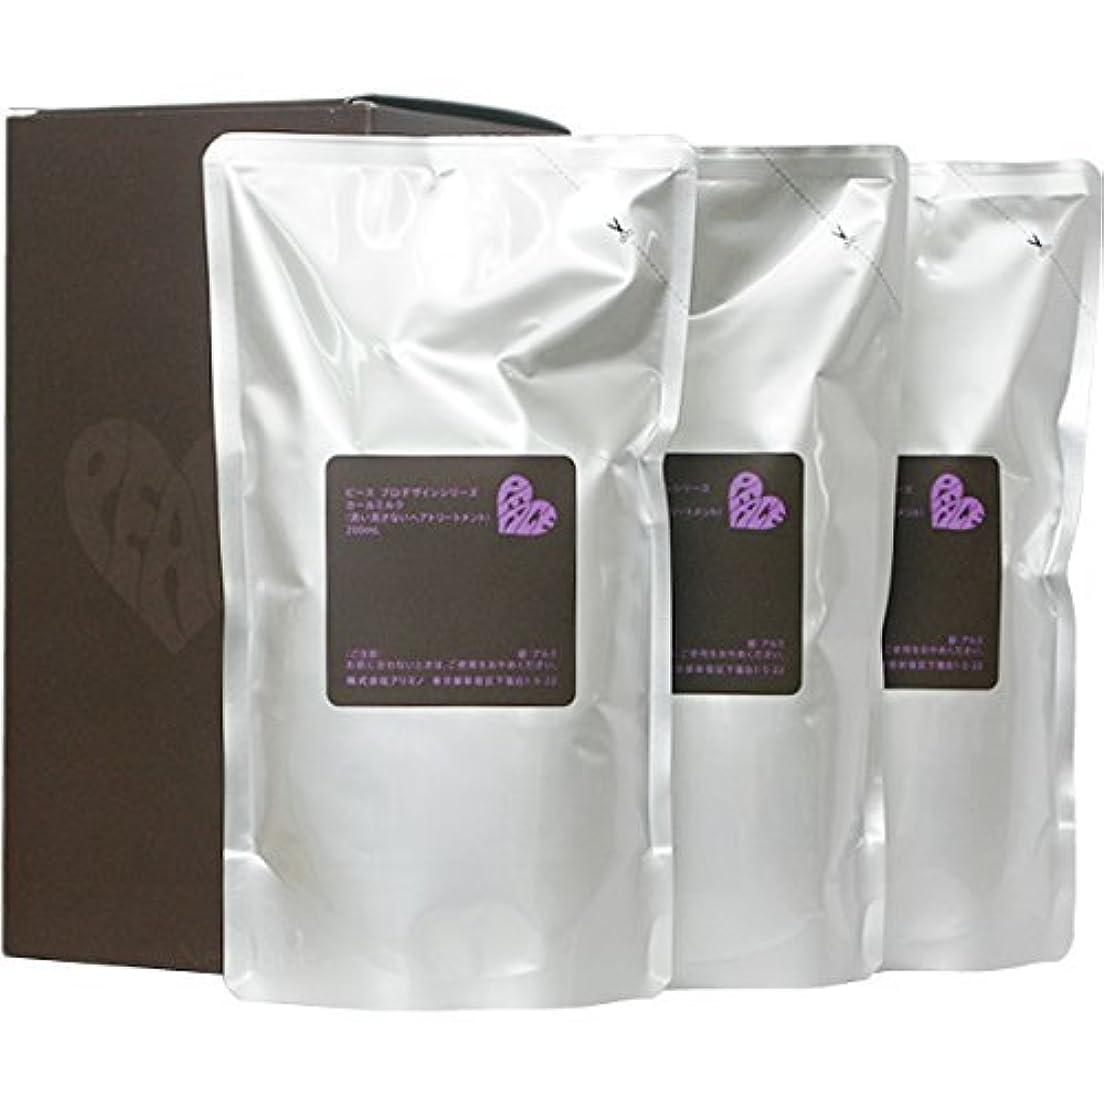 可能発信ブレースピース プロデザインシリーズ カールミルク チョコ リフィル 200ml×3